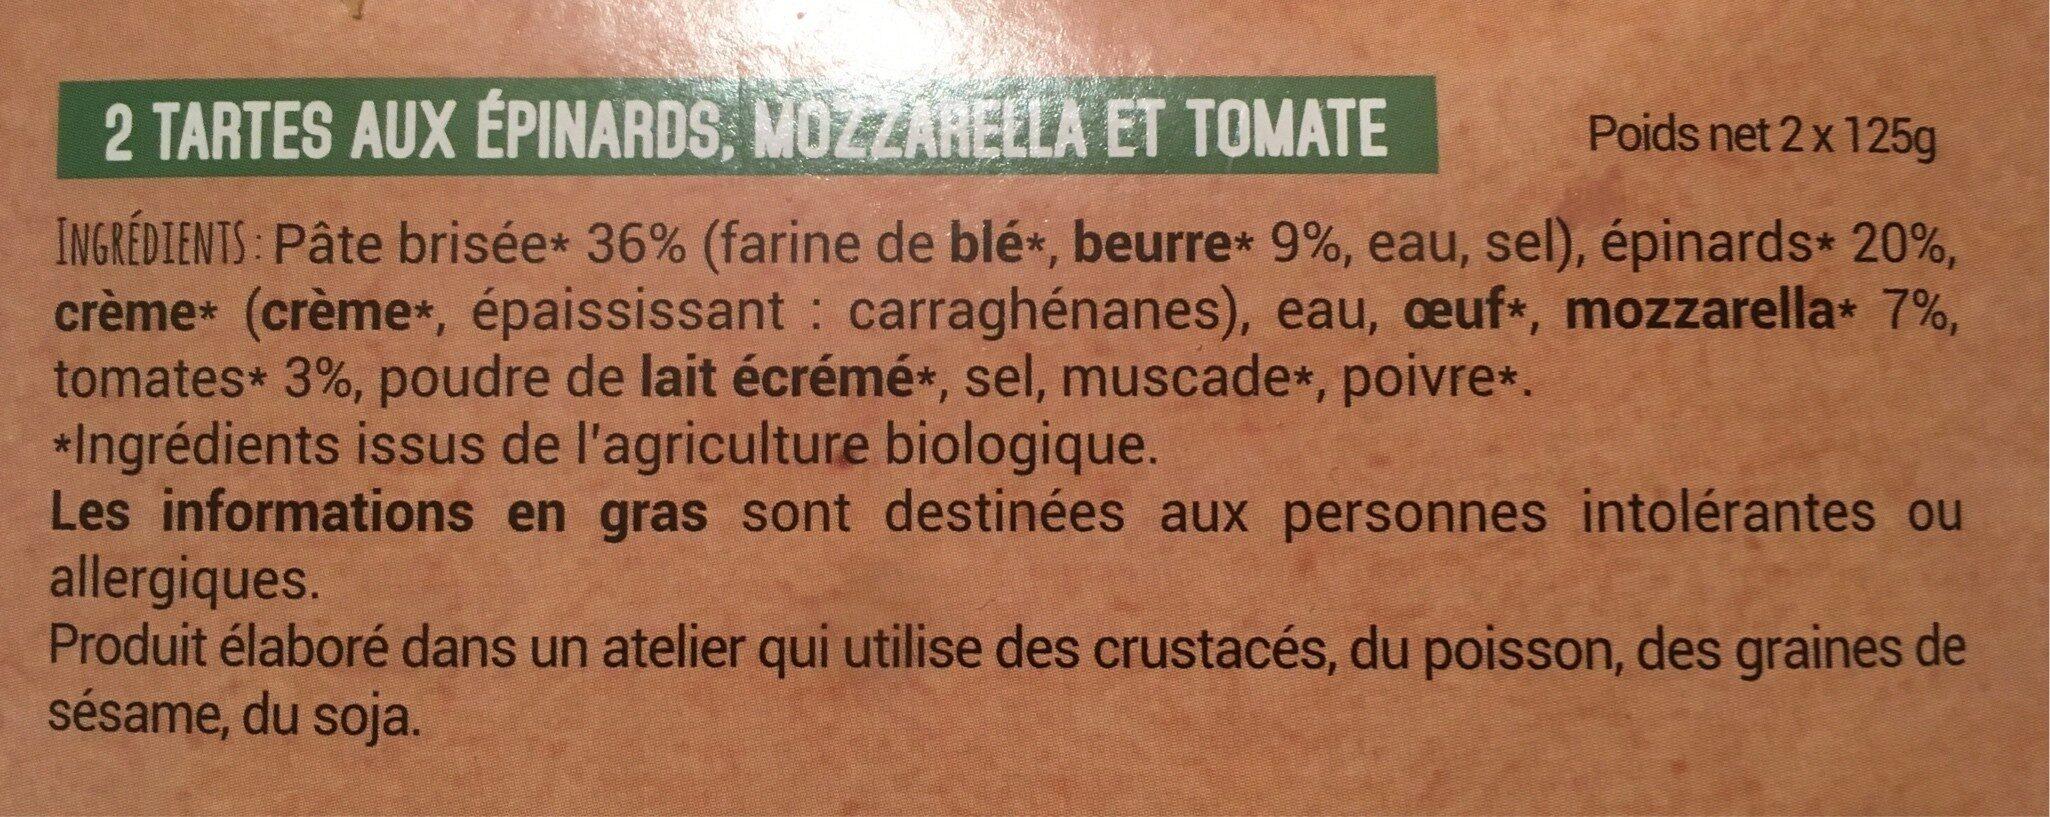 Tartes individuelles  aux épinards Mozzarella et  Tomate - Ingrédients - fr